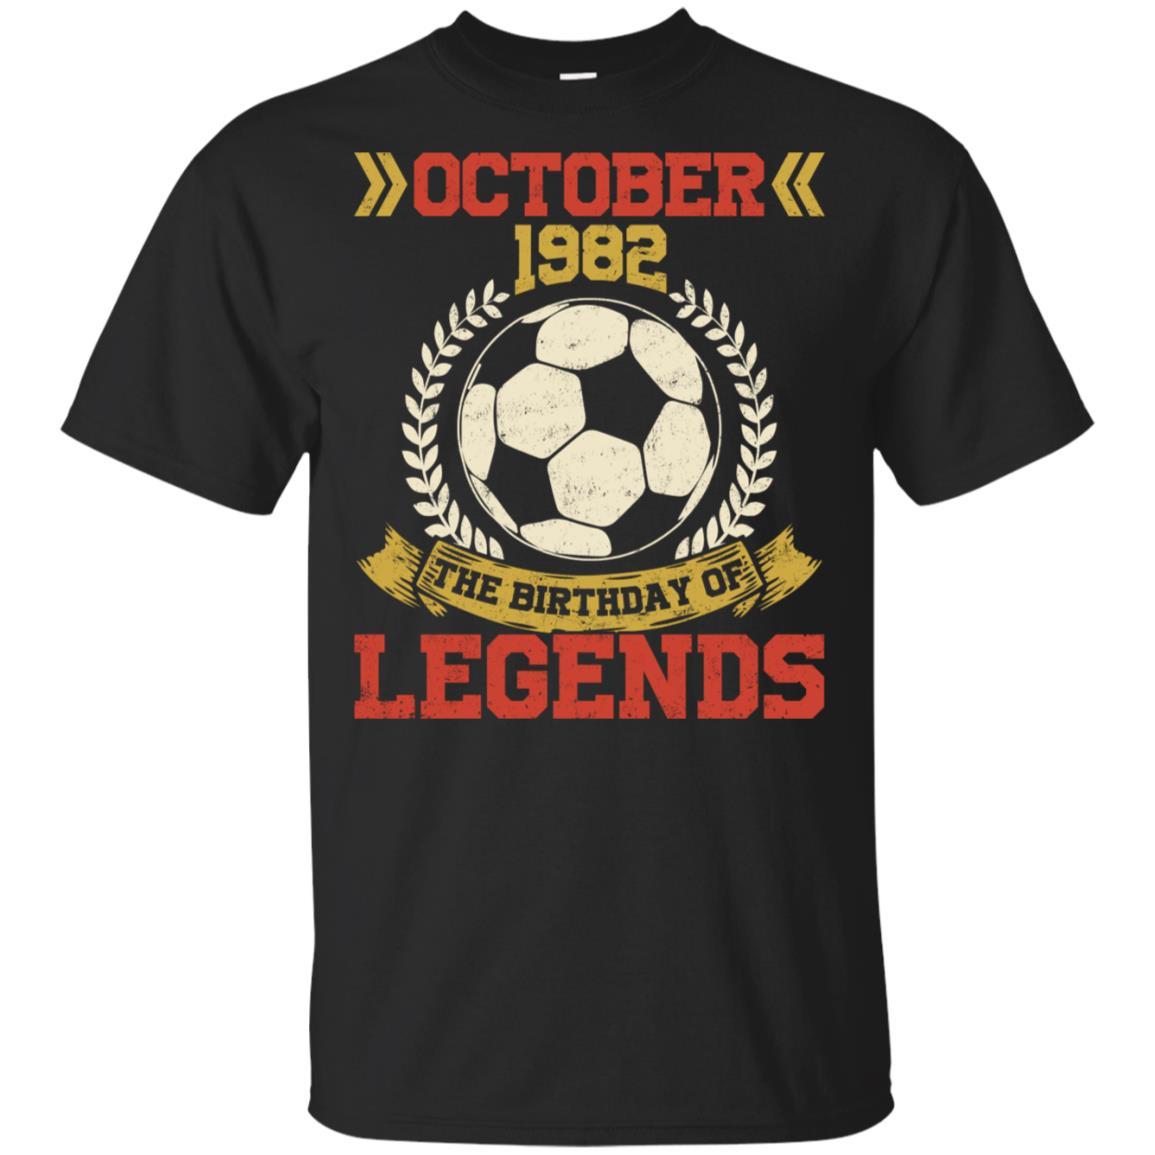 1982 October 36th Birthday Of Football Soccer Legend Unisex Short Sleeve